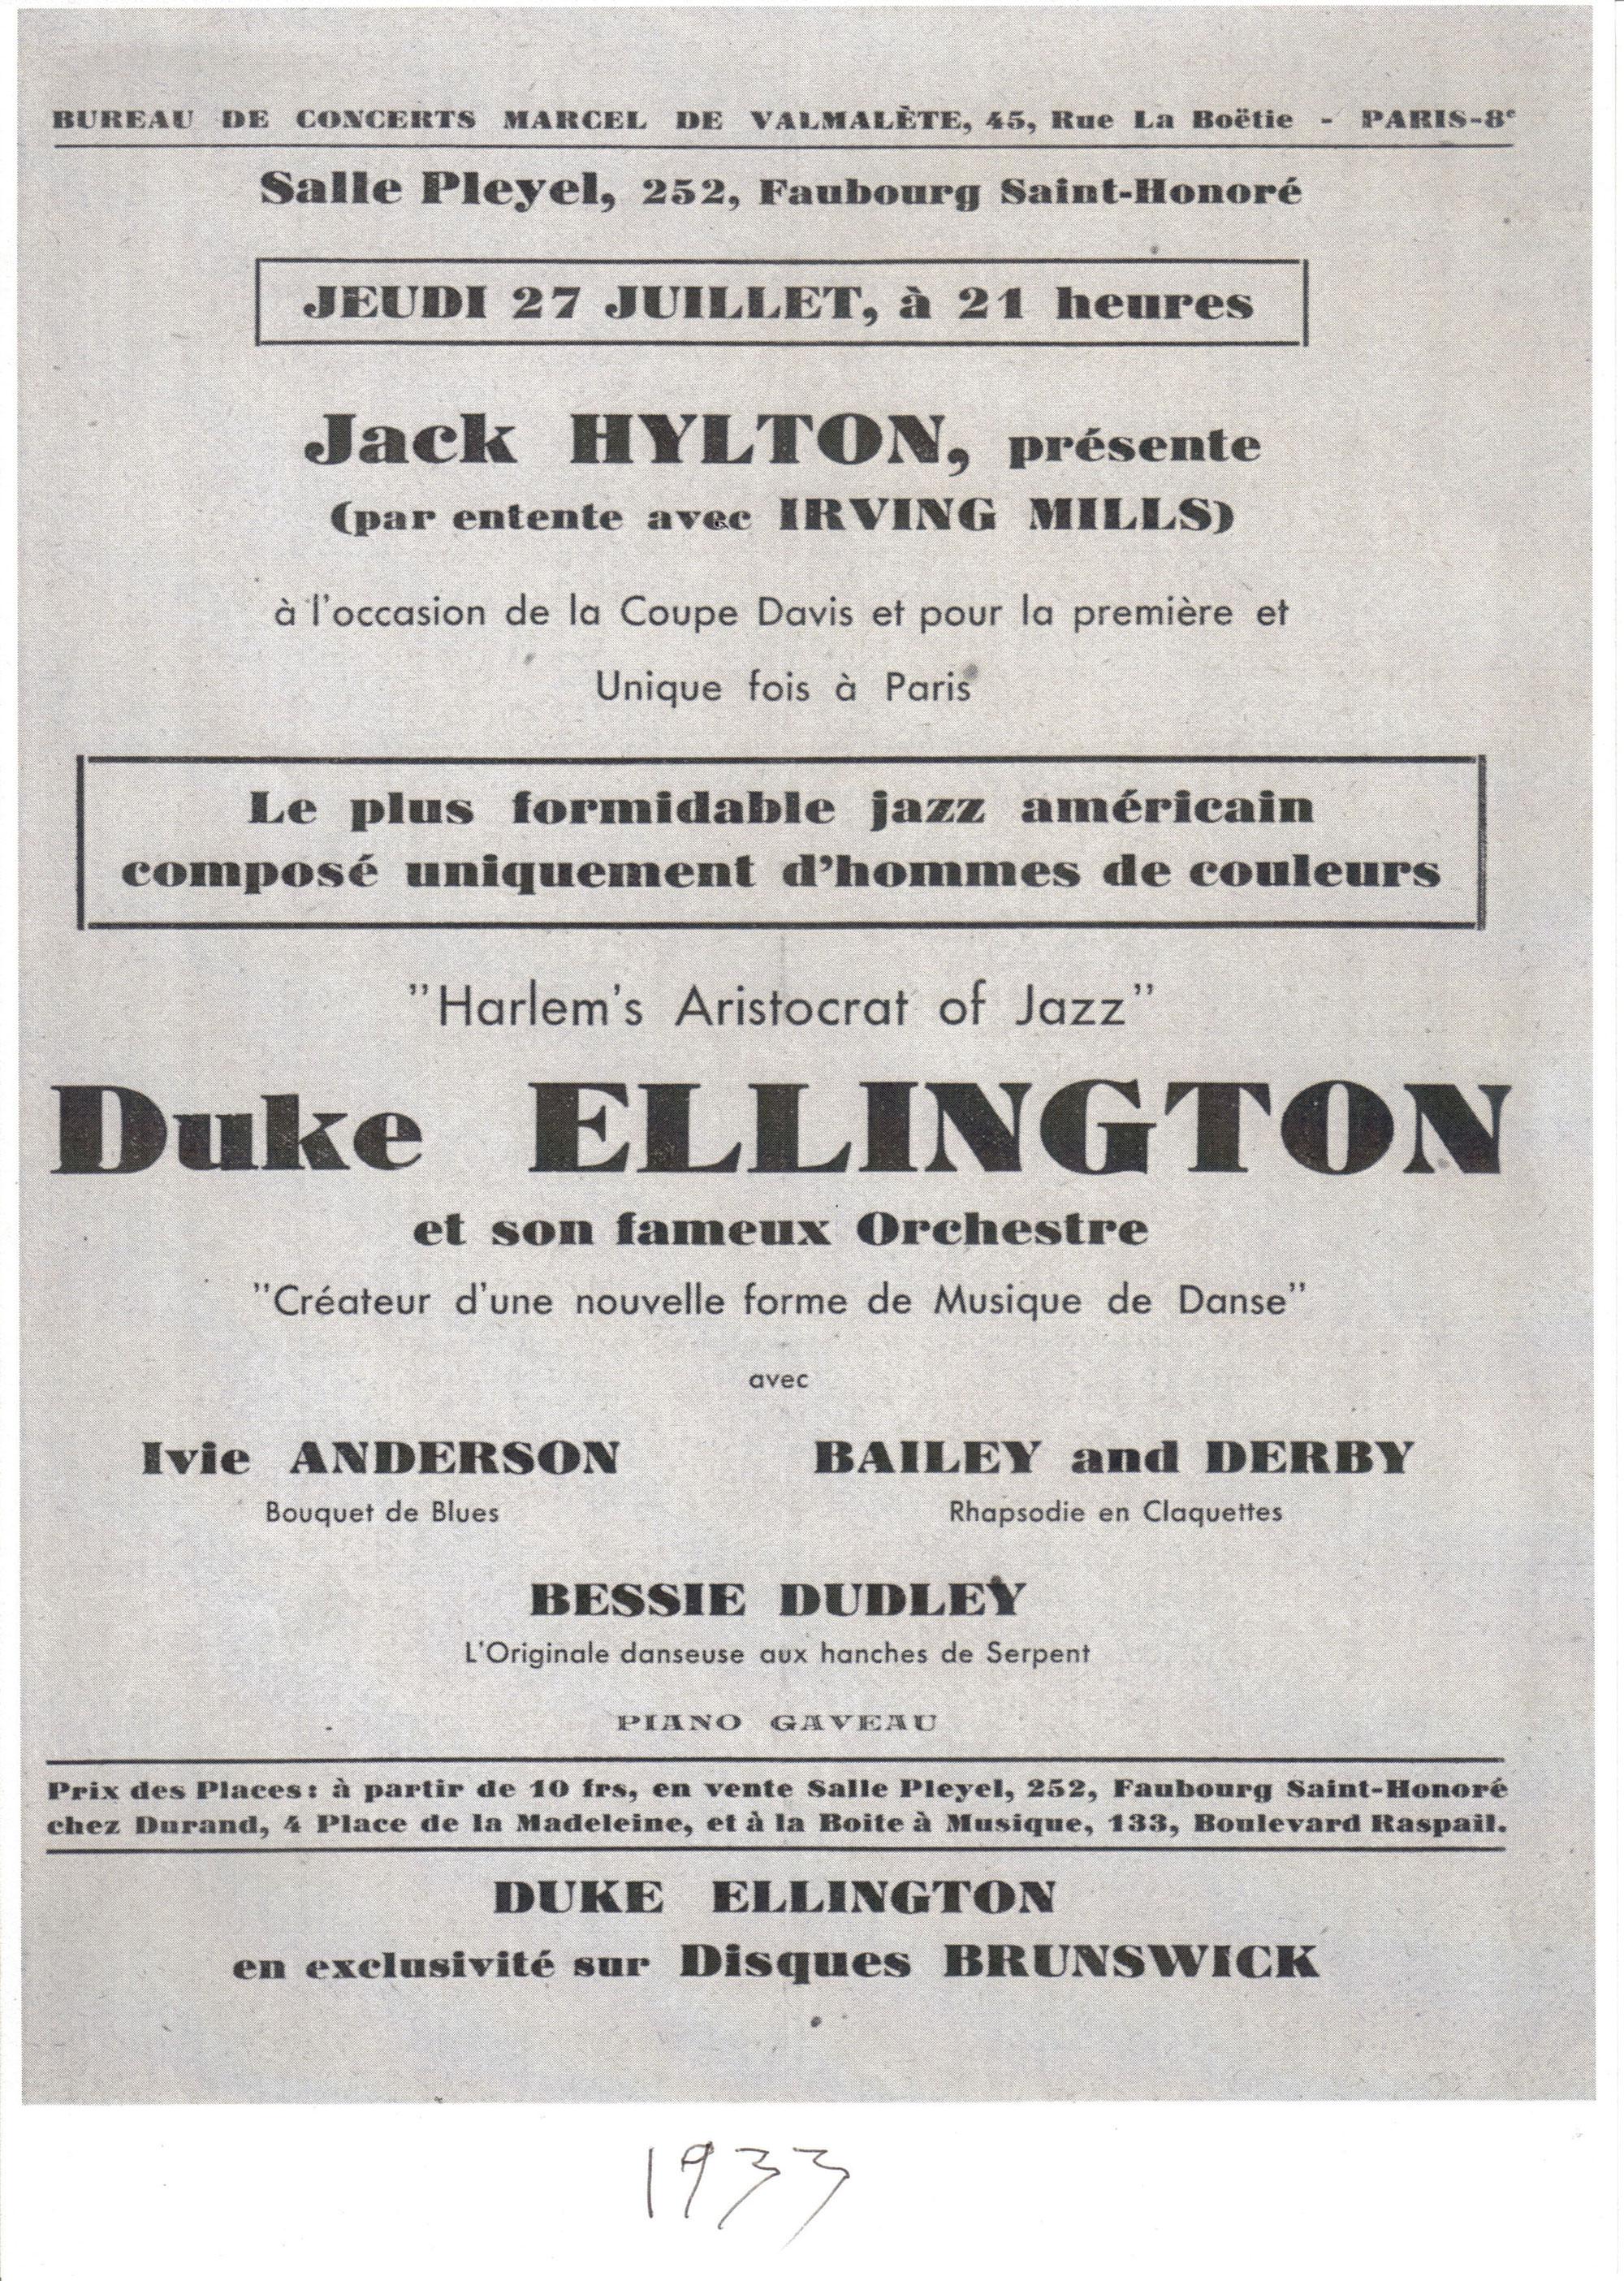 p. 106, affiche du concert à la salle Pleyel, Paris , 27 juillet 1933, X, Collection Claude Carrière